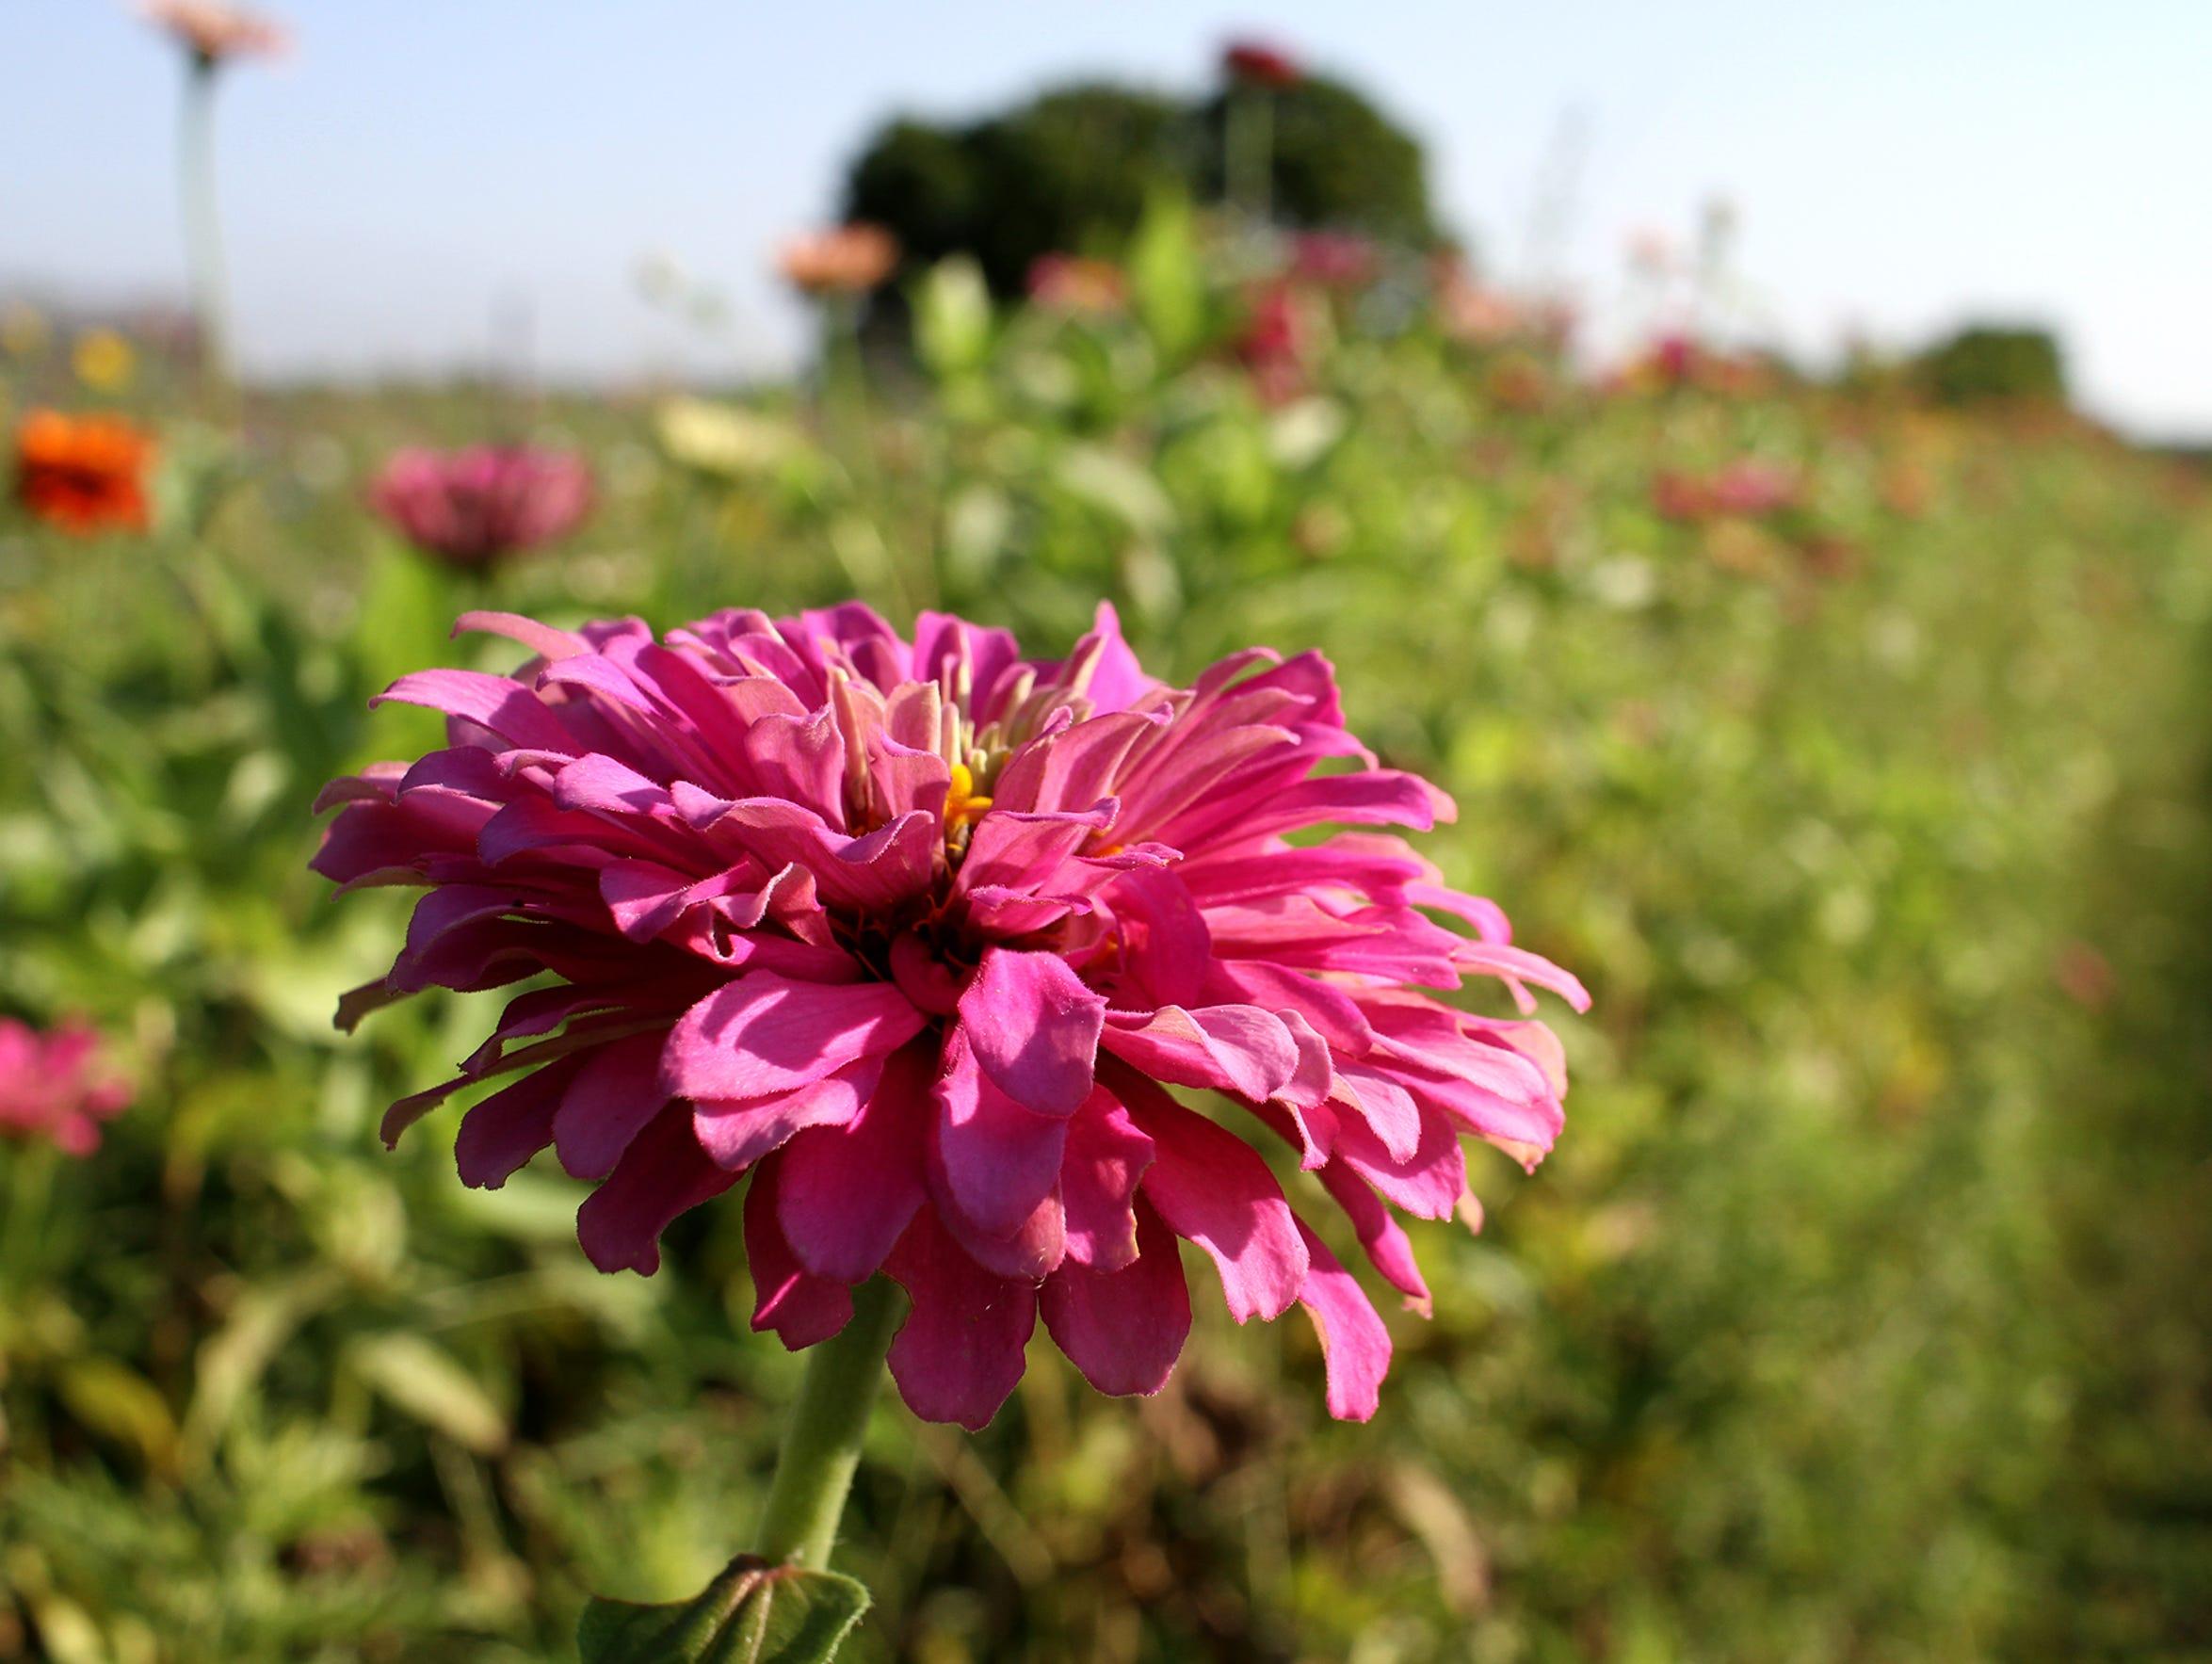 Flowers bloom at Gilbert Creek Gardens in Burkburnett.